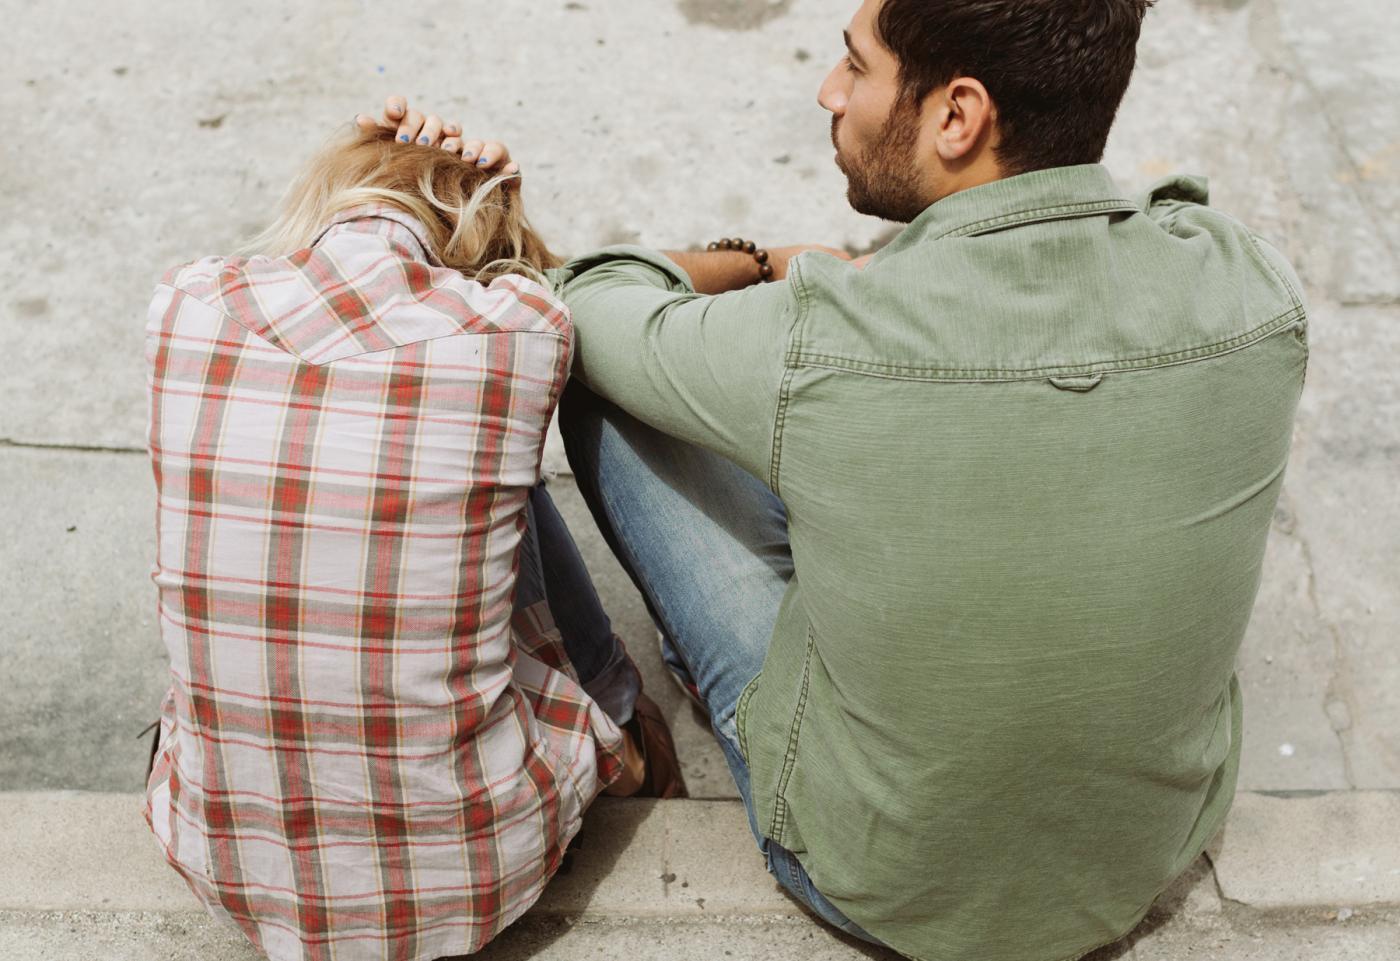 randi egy bipoláris zavarral rendelkező srác